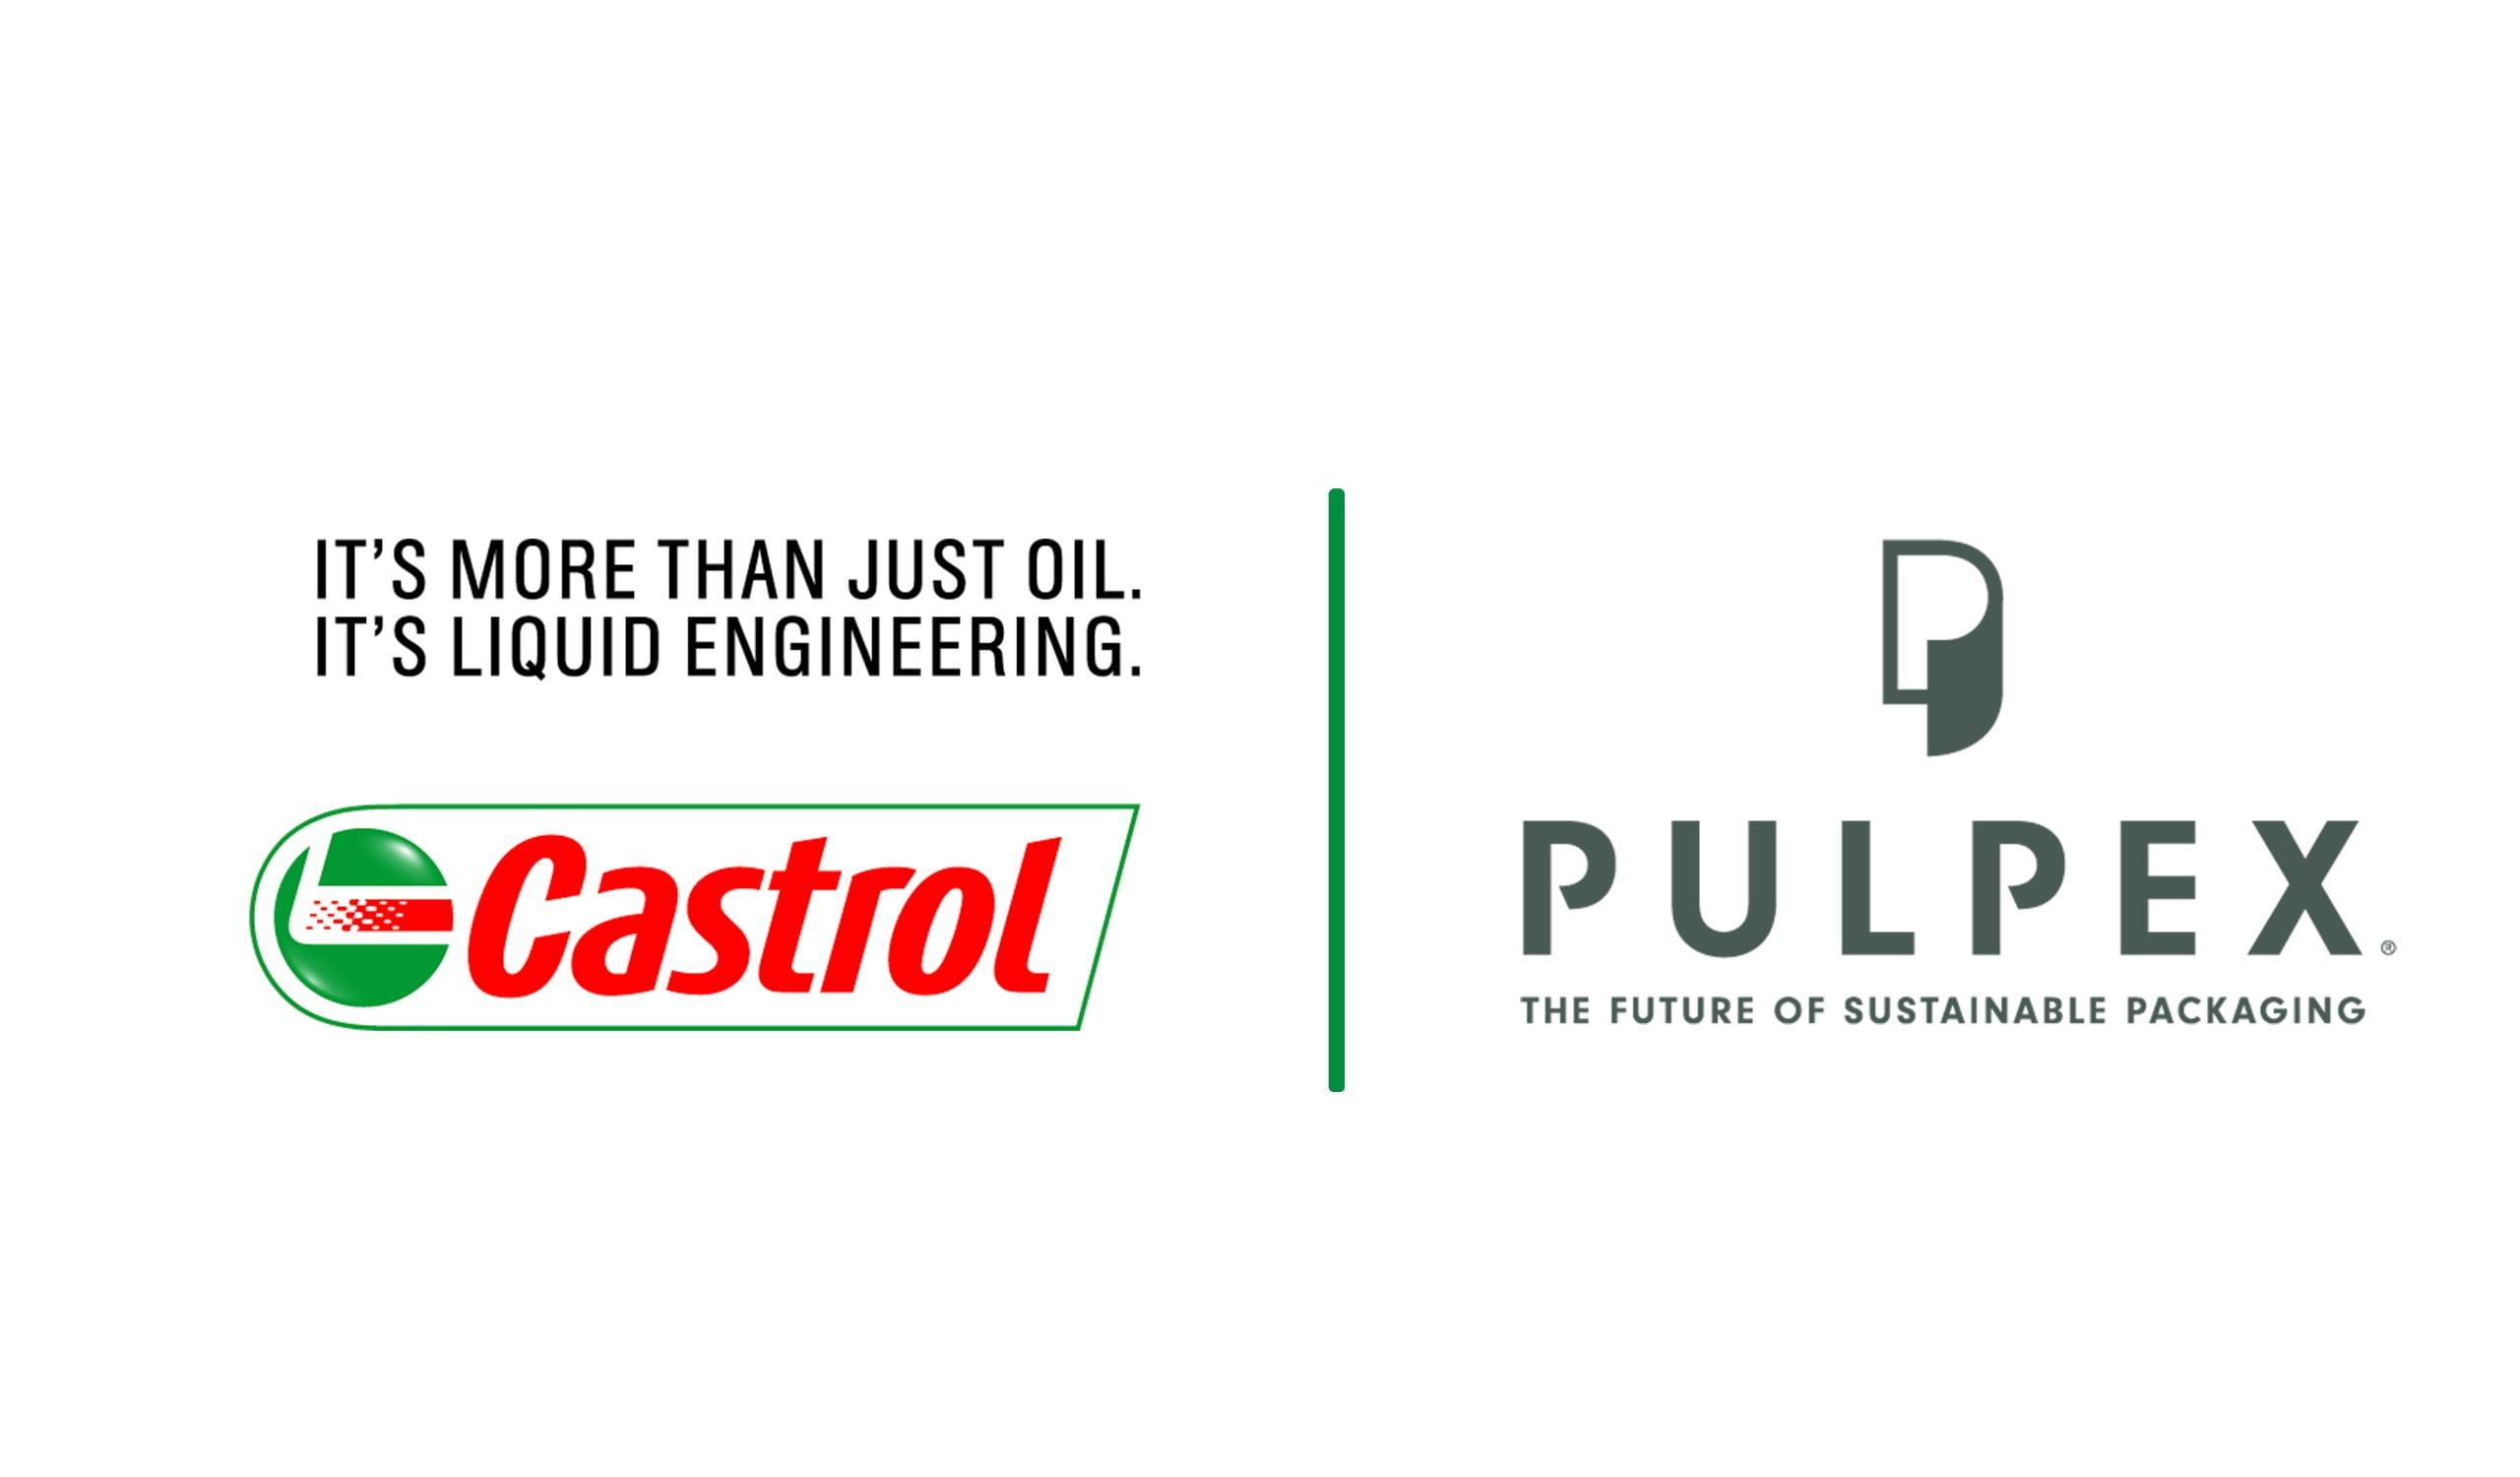 Castrol colborează cu Pulpex pentru a-şi reduce amprenta asupra mediului înconjurător în ceea ce priveşte ambalajele de plastic